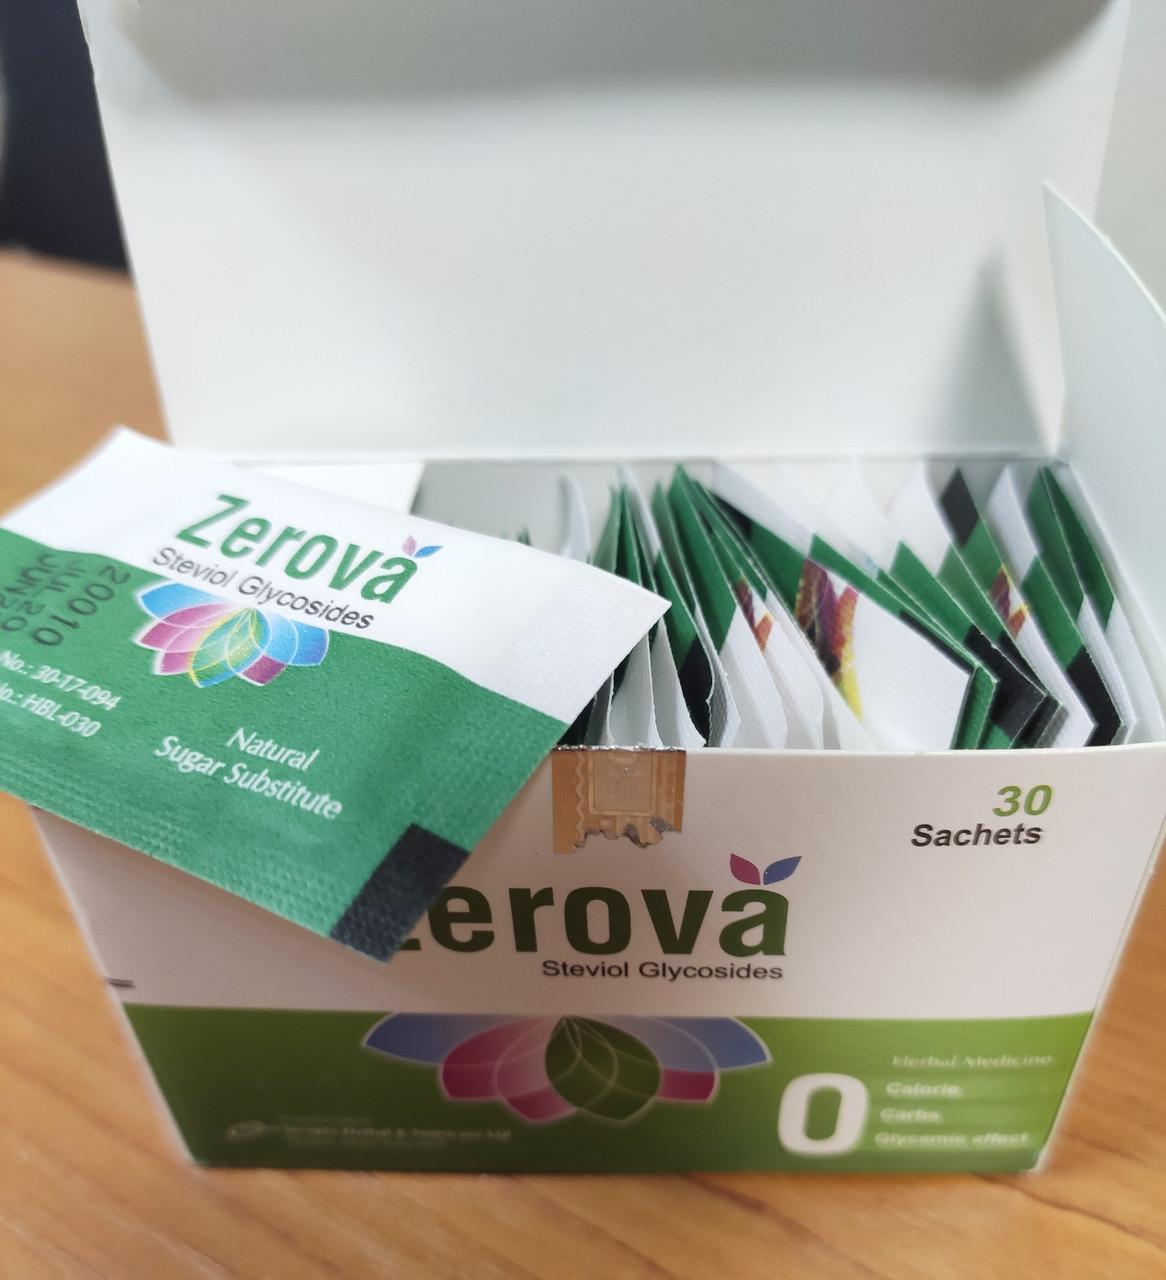 Zerova стевия гликозид, заменитель сахара Бангладеш, 30 саше